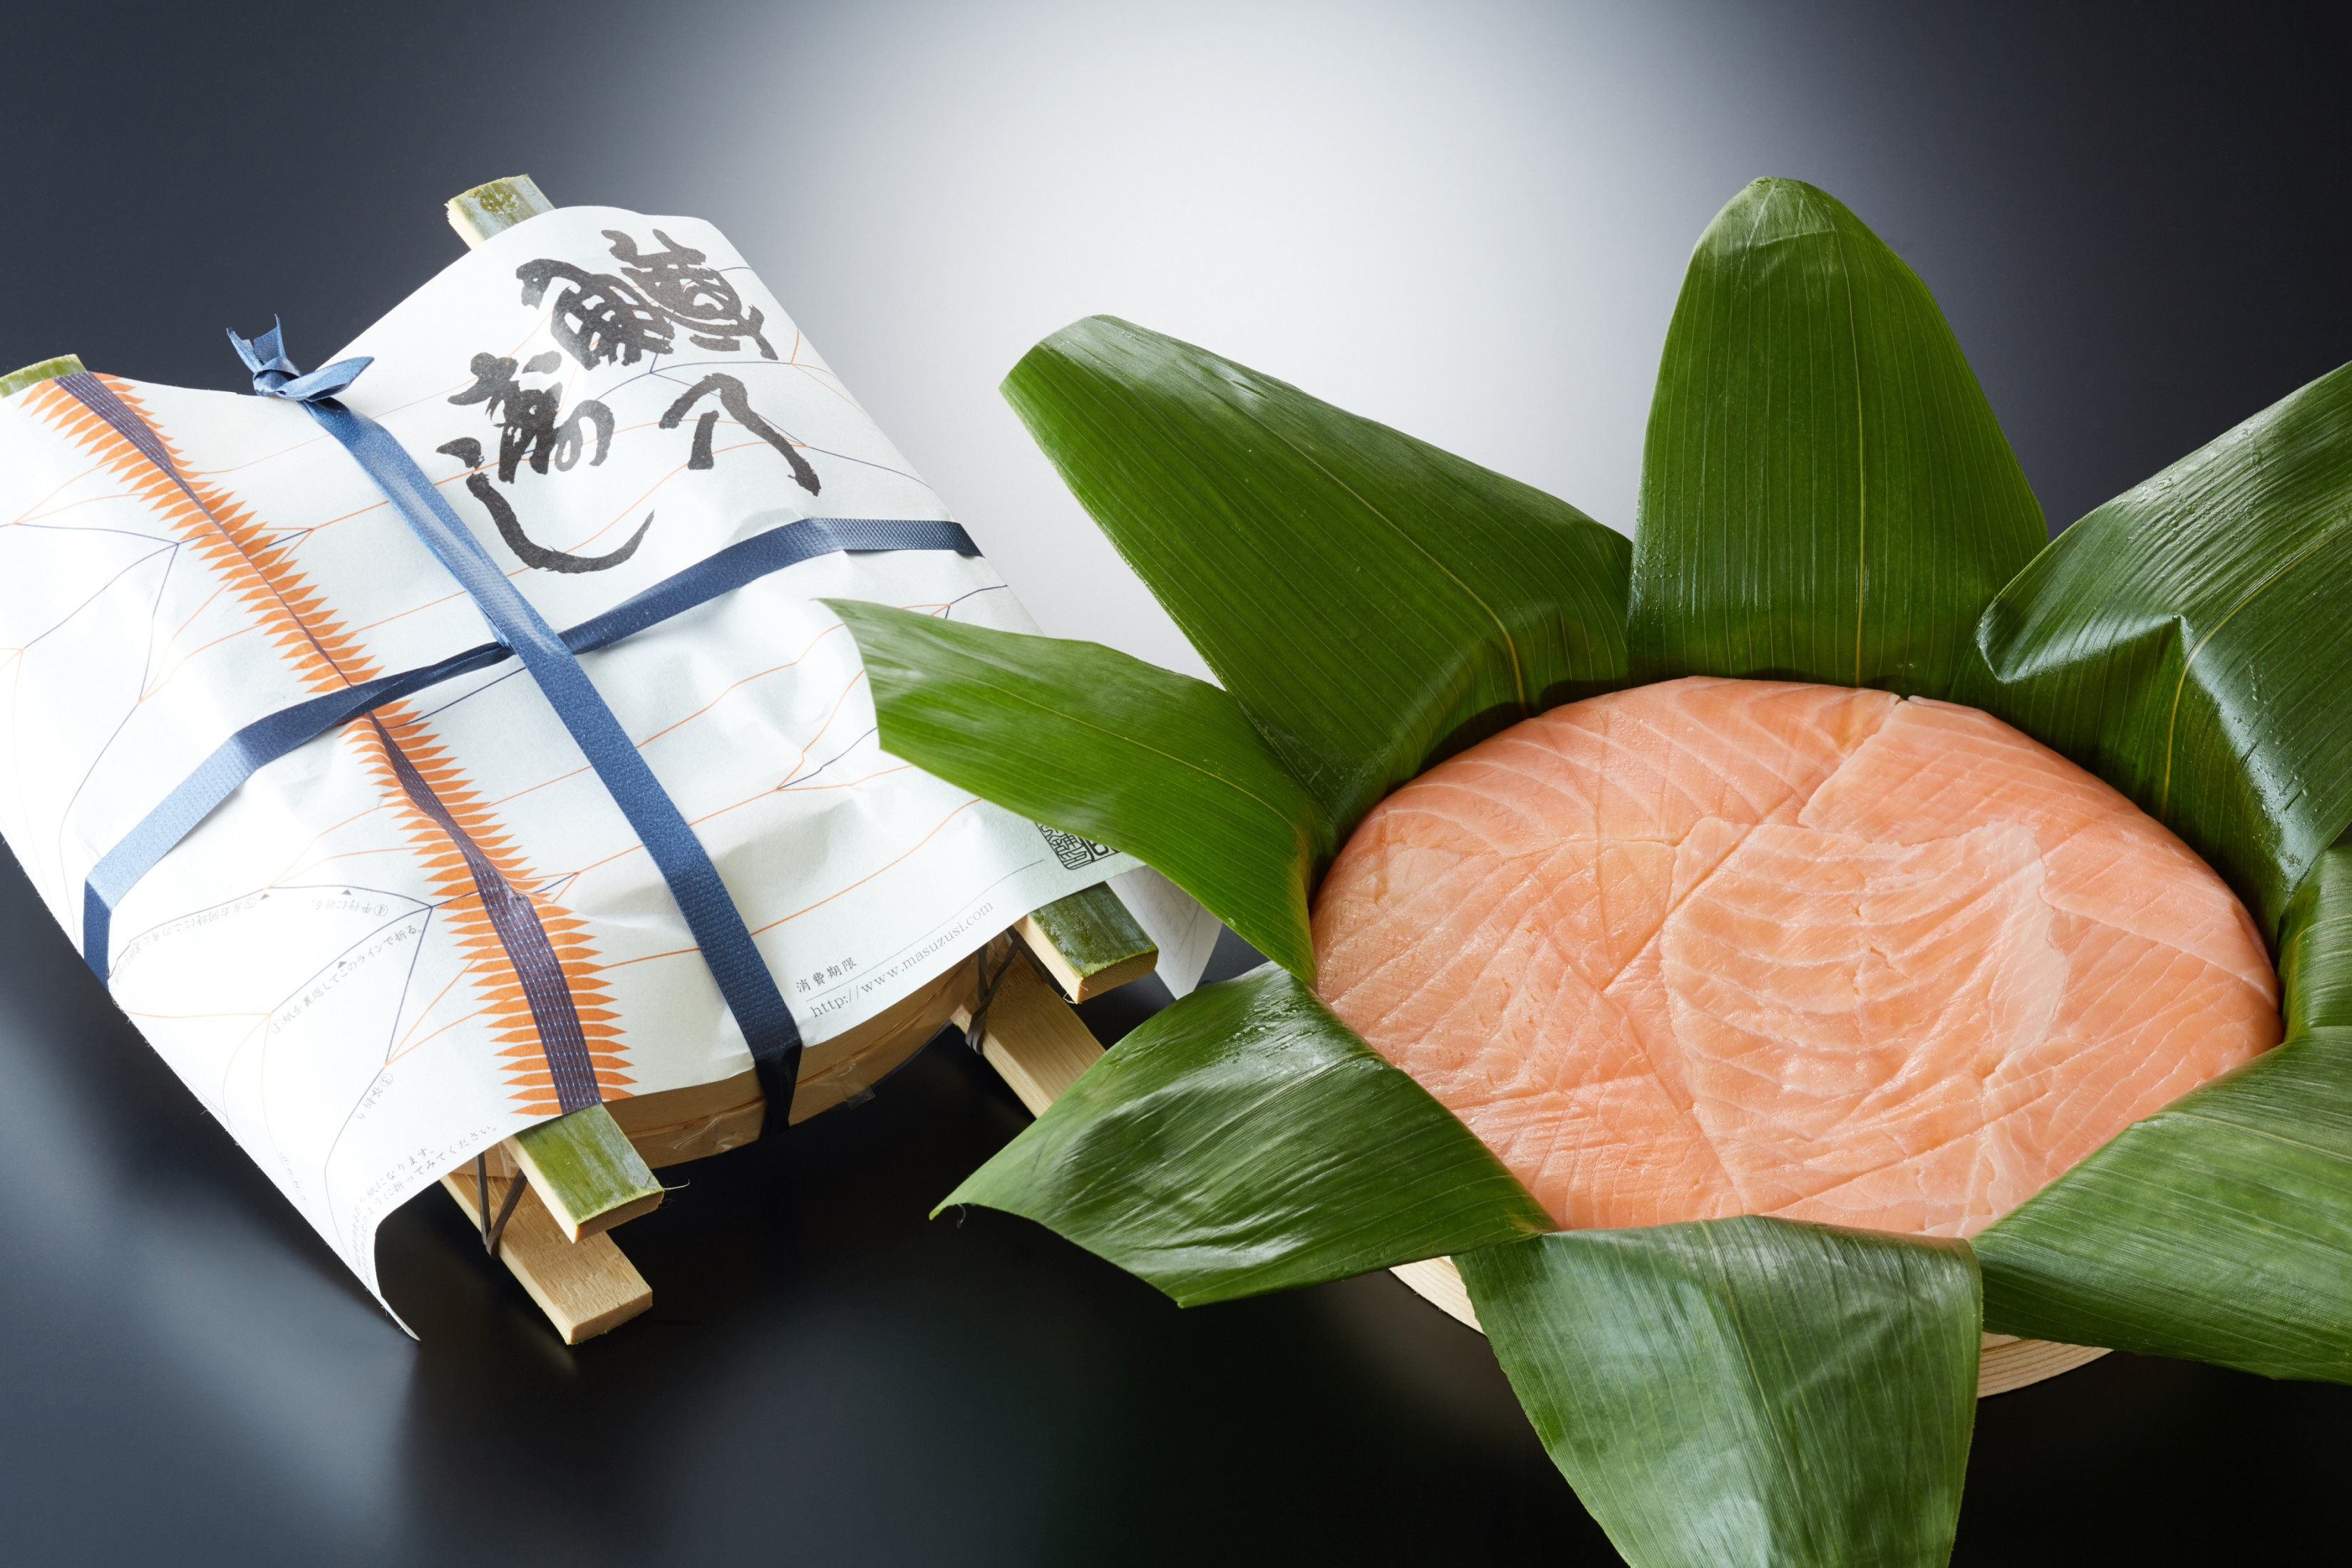 保障 青山総本舗 ますの寿司 ますの寿し2段 送料無料 鱒寿司 鱒の寿司 ますずし ますのすし 押し寿司 富山名産 マラソン2000円 新作からSALEアイテム等お得な商品満載 取り寄せ